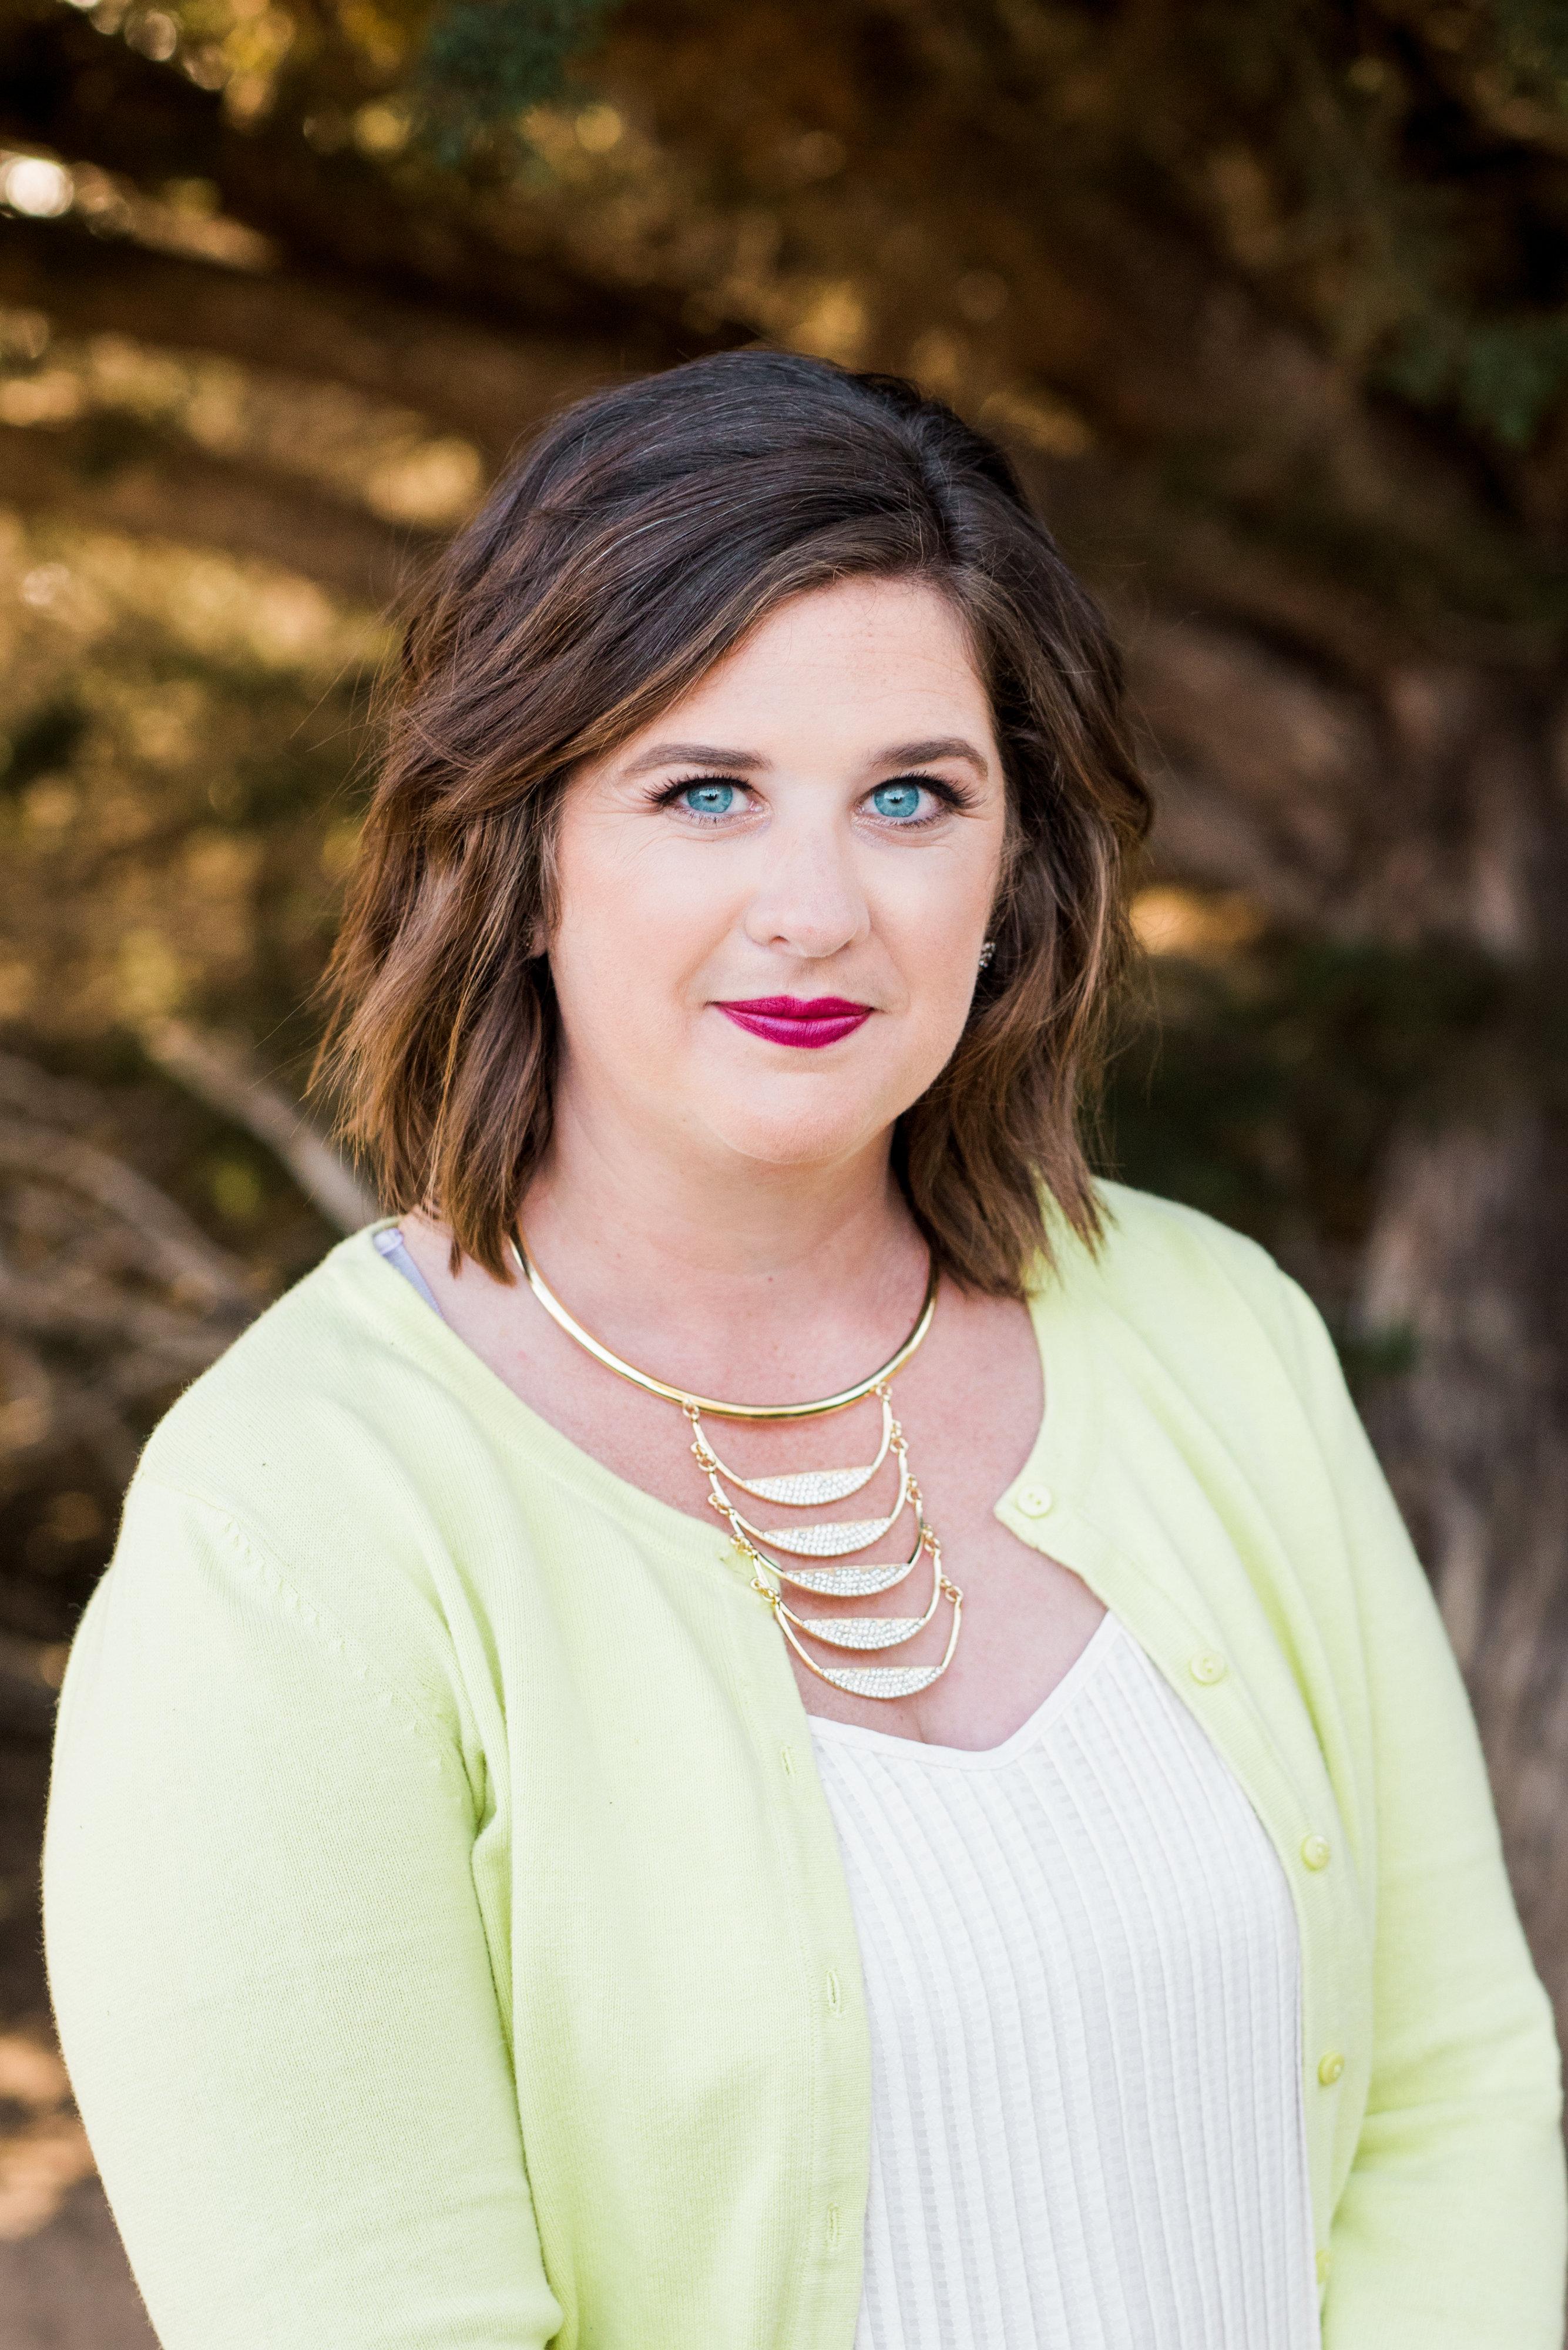 Dr. Lauren Lawson